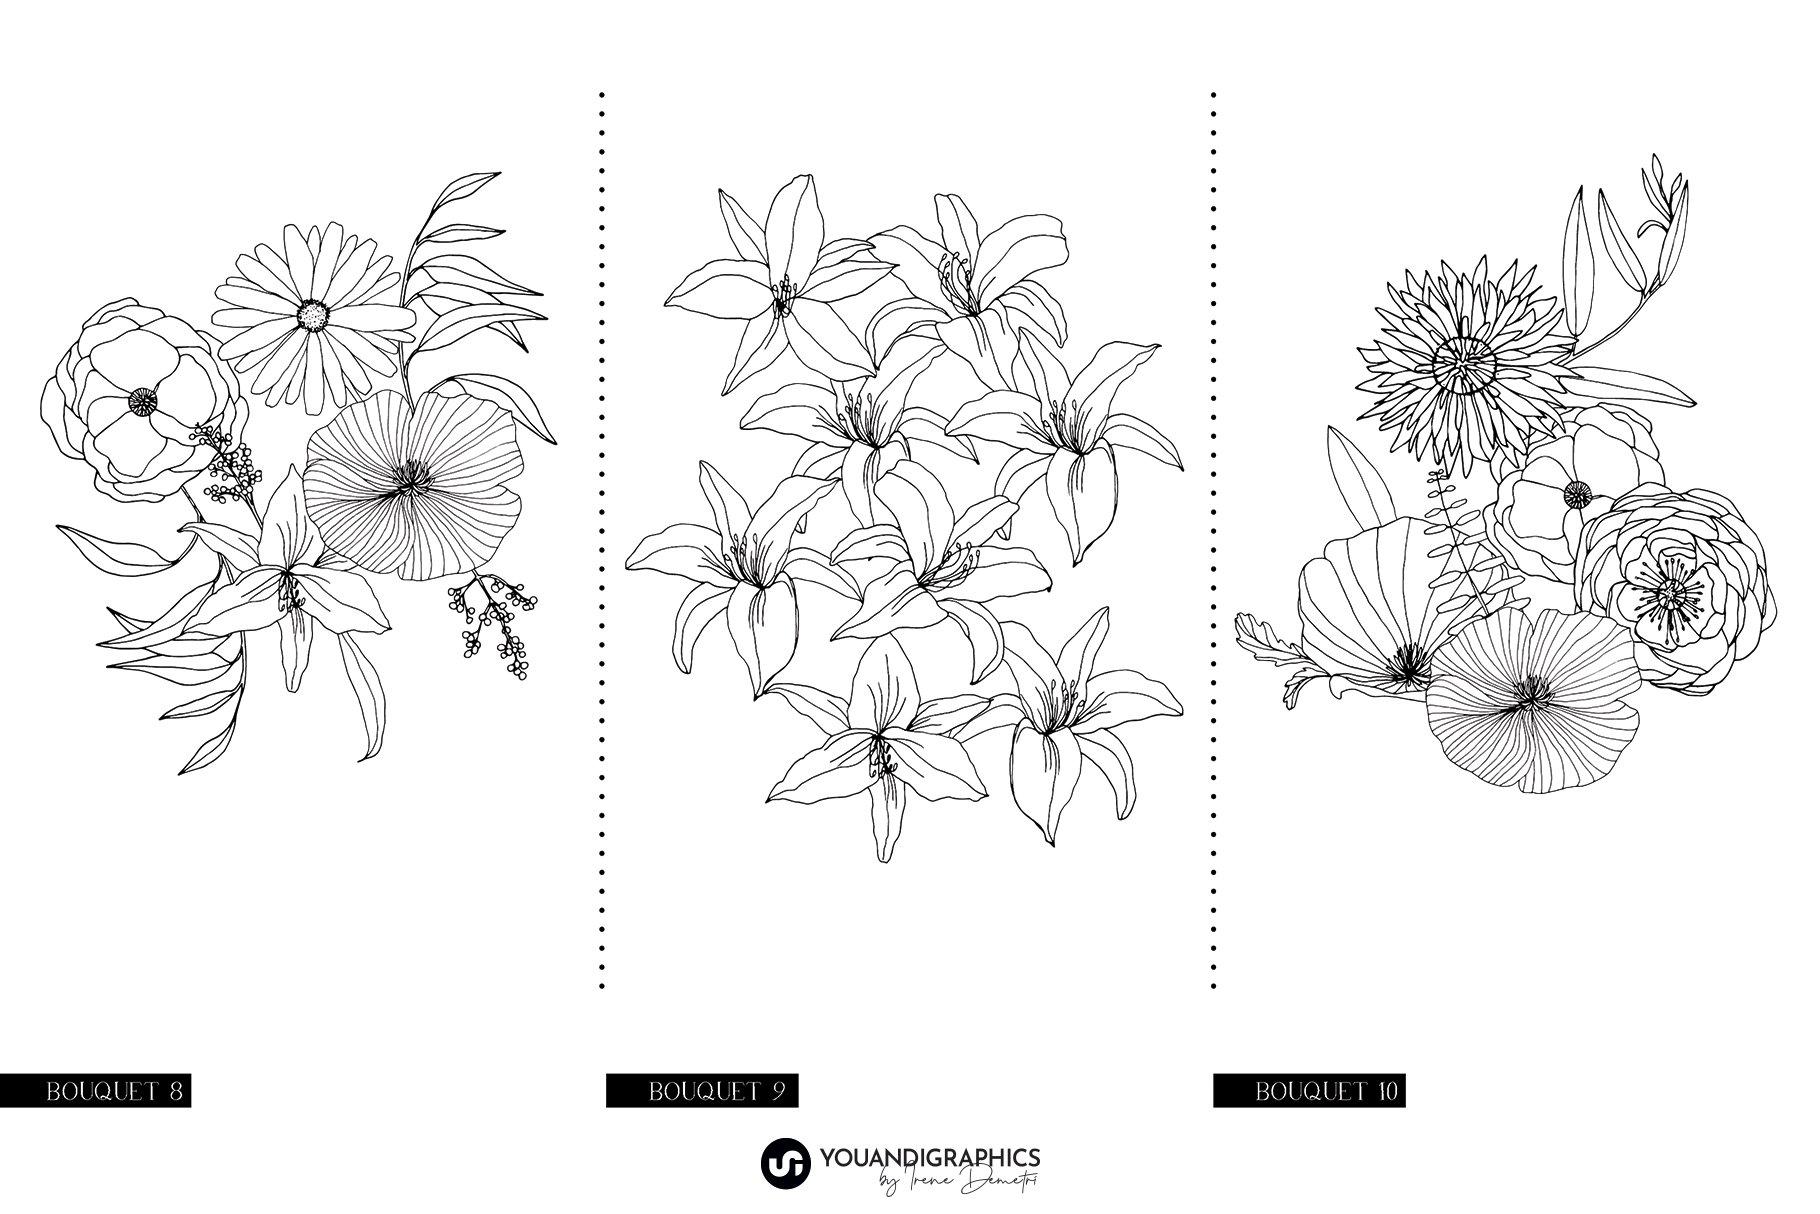 精美手绘花卉花朵无缝隙矢量线稿图案素材 Floral Blast Patterns And Bouquets插图(16)